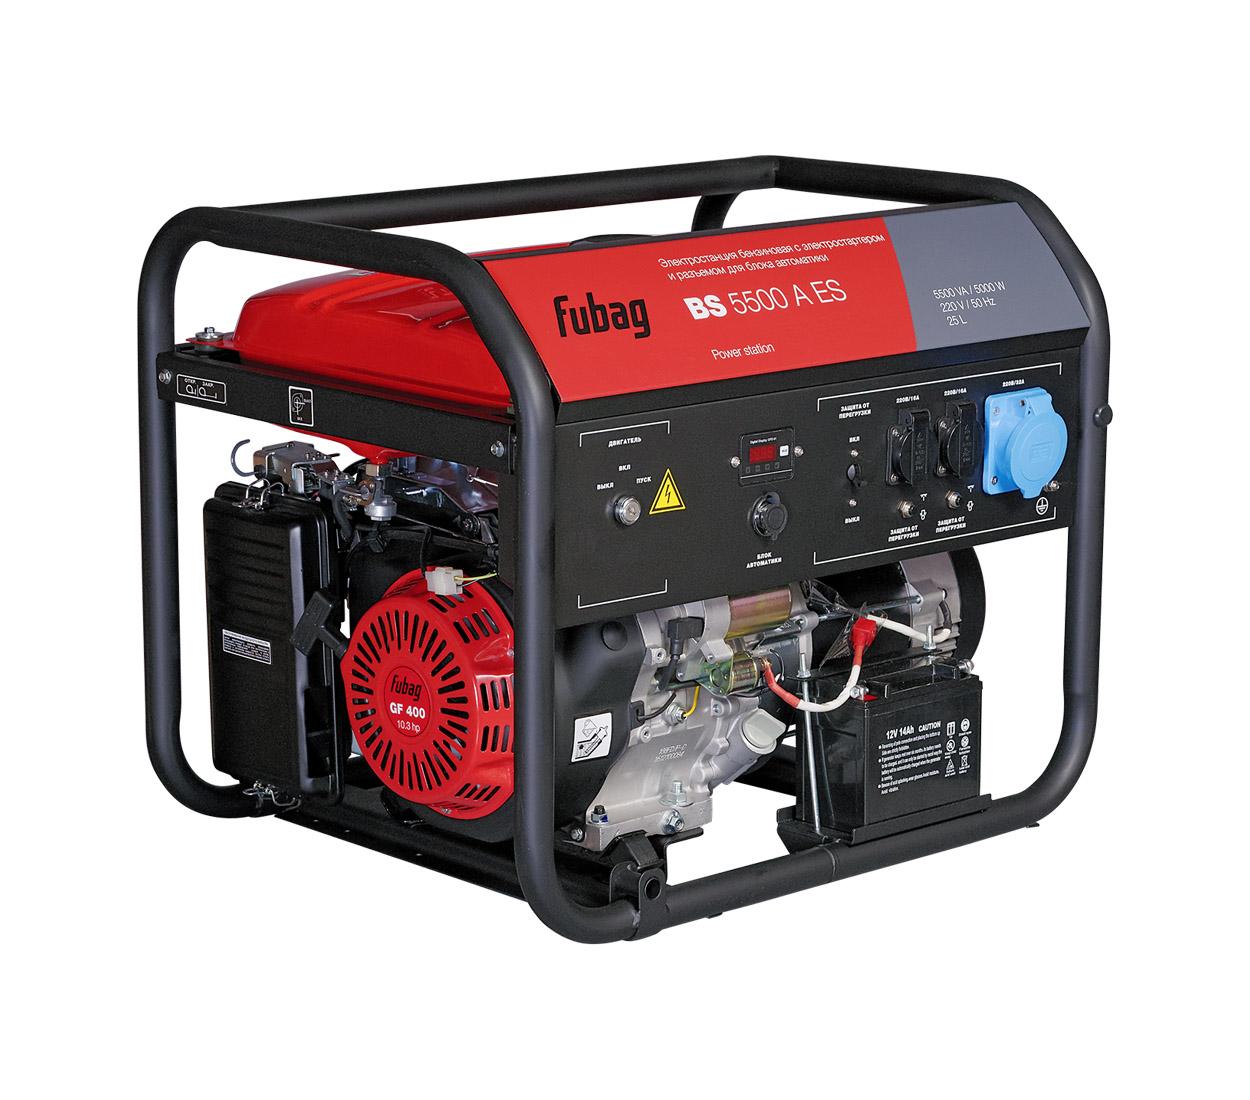 Бензиновый генератор (Бензогенератор) FUBAG BS 5500 A ES